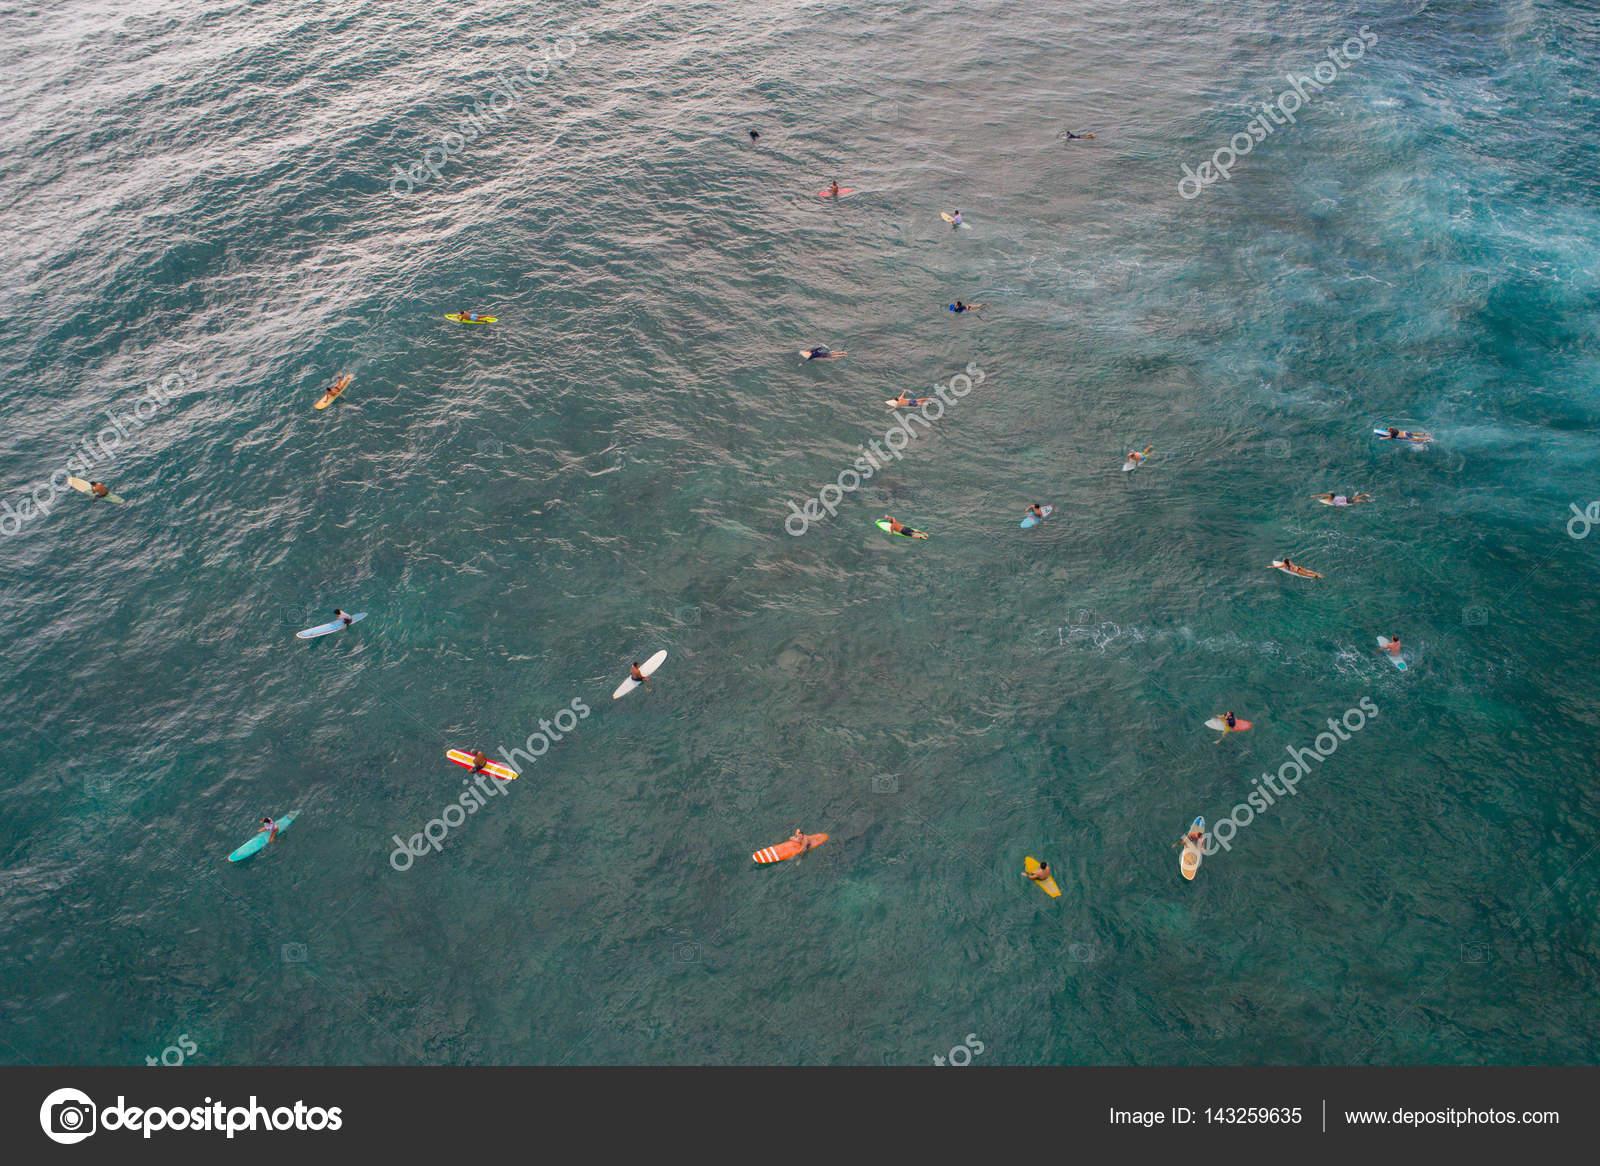 Aerial Image Of Surfers In The Ocean Photo By Felixtm